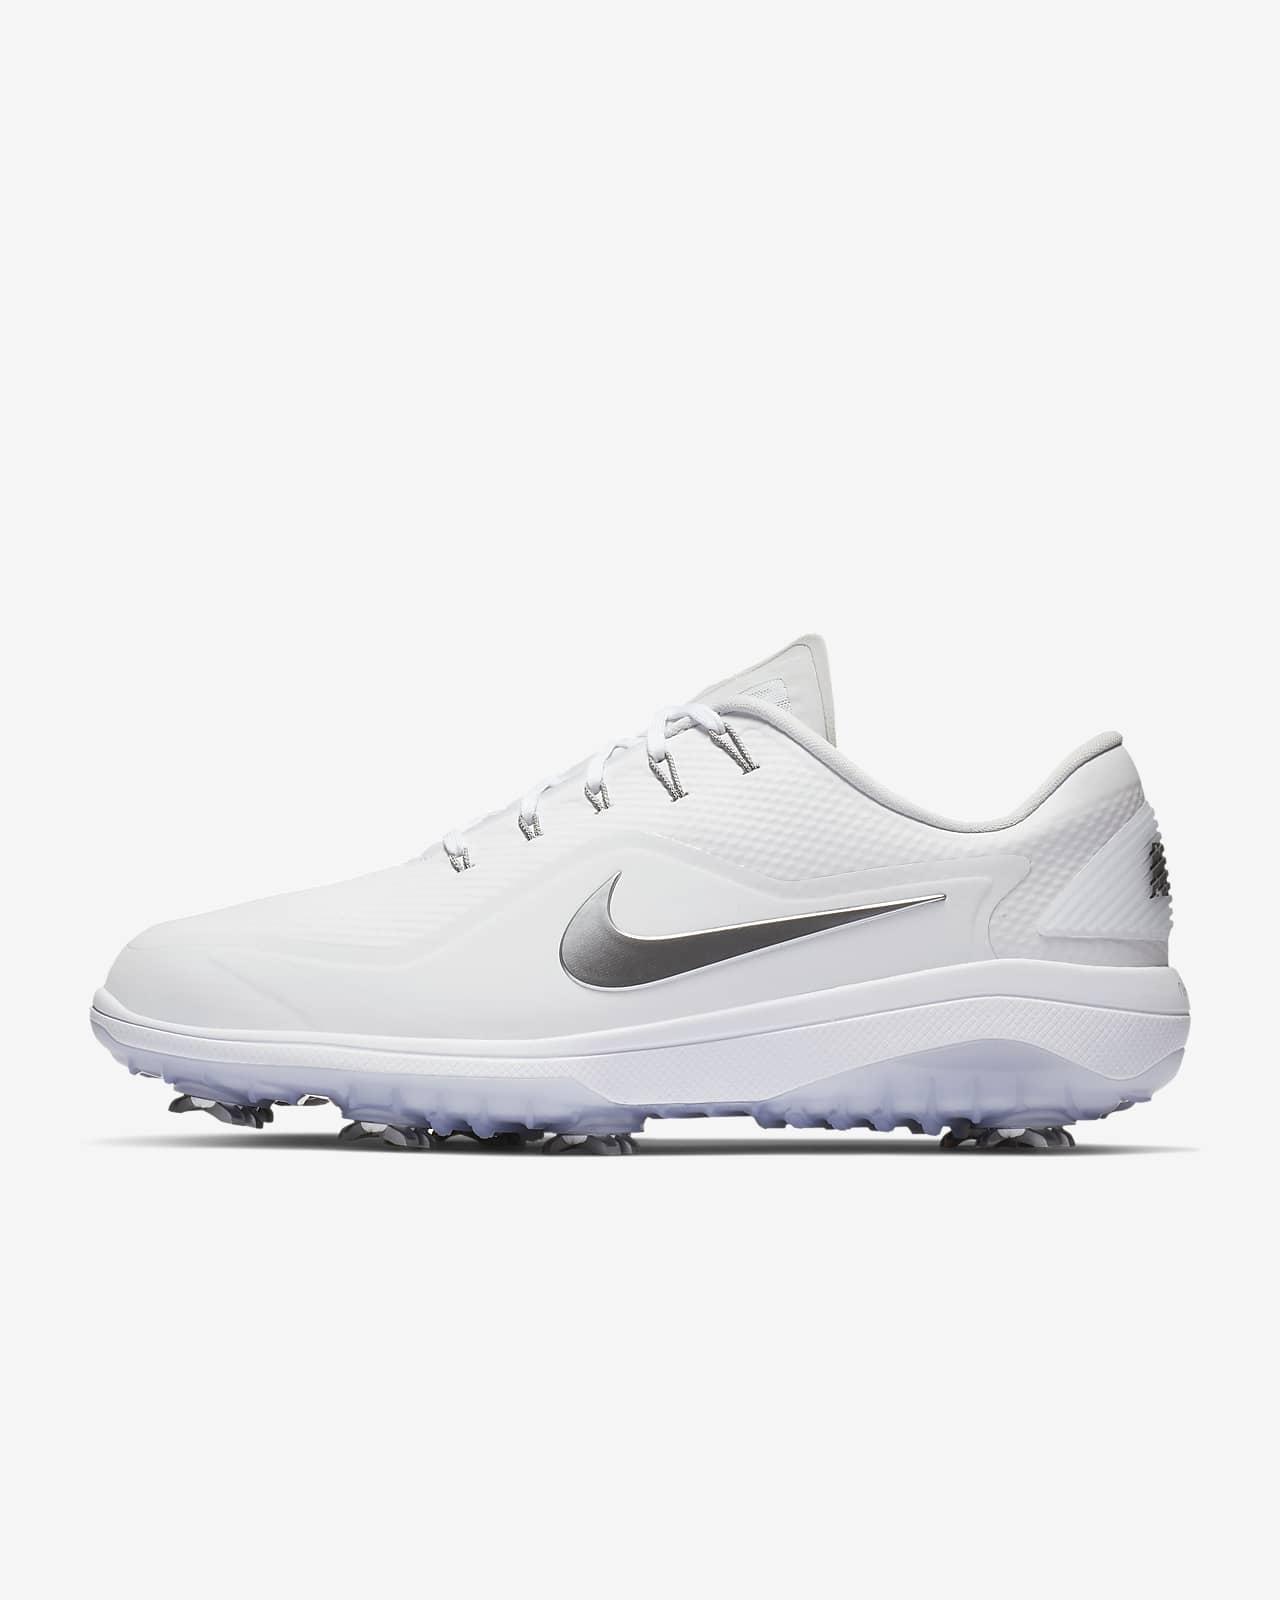 รองเท้ากอล์ฟผู้ชาย Nike React Vapor 2 (หน้ากว้าง)